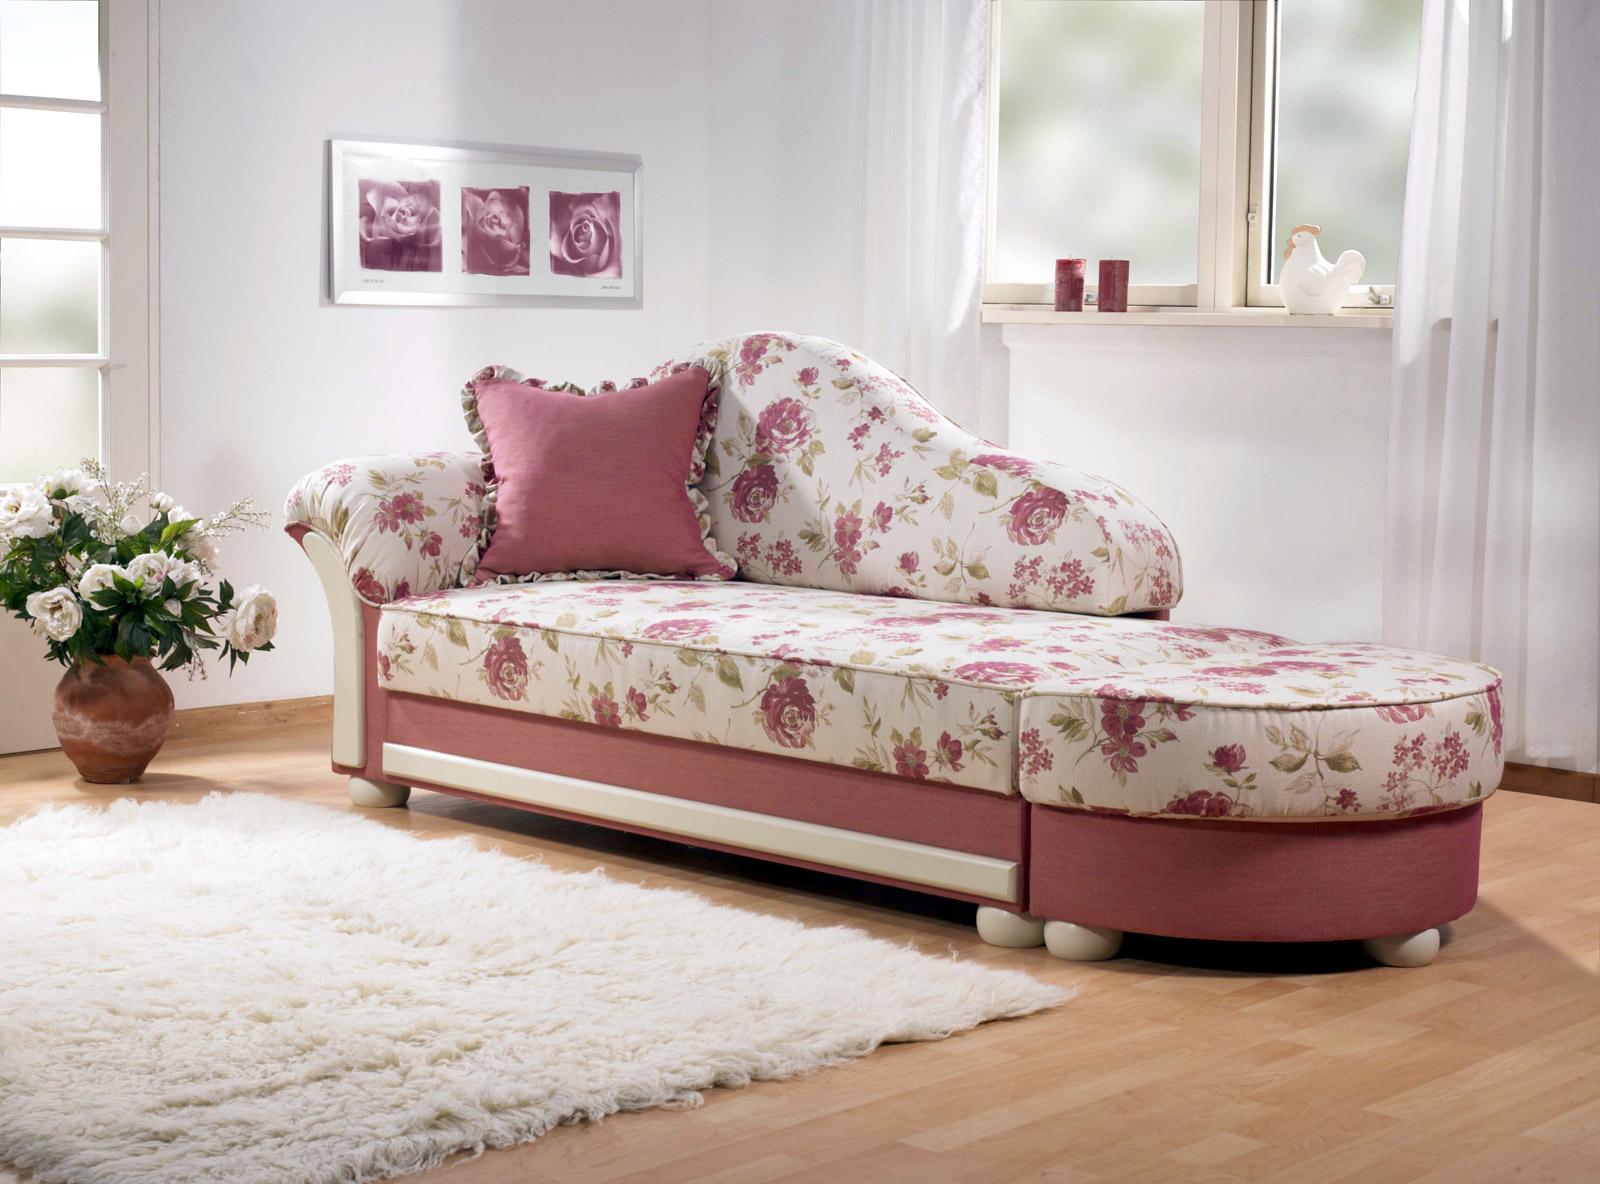 Full Size of Recamiere Barock Liege Esens Mit Kissen Und Hocker Trkische Sofa Bett Wohnzimmer Recamiere Barock